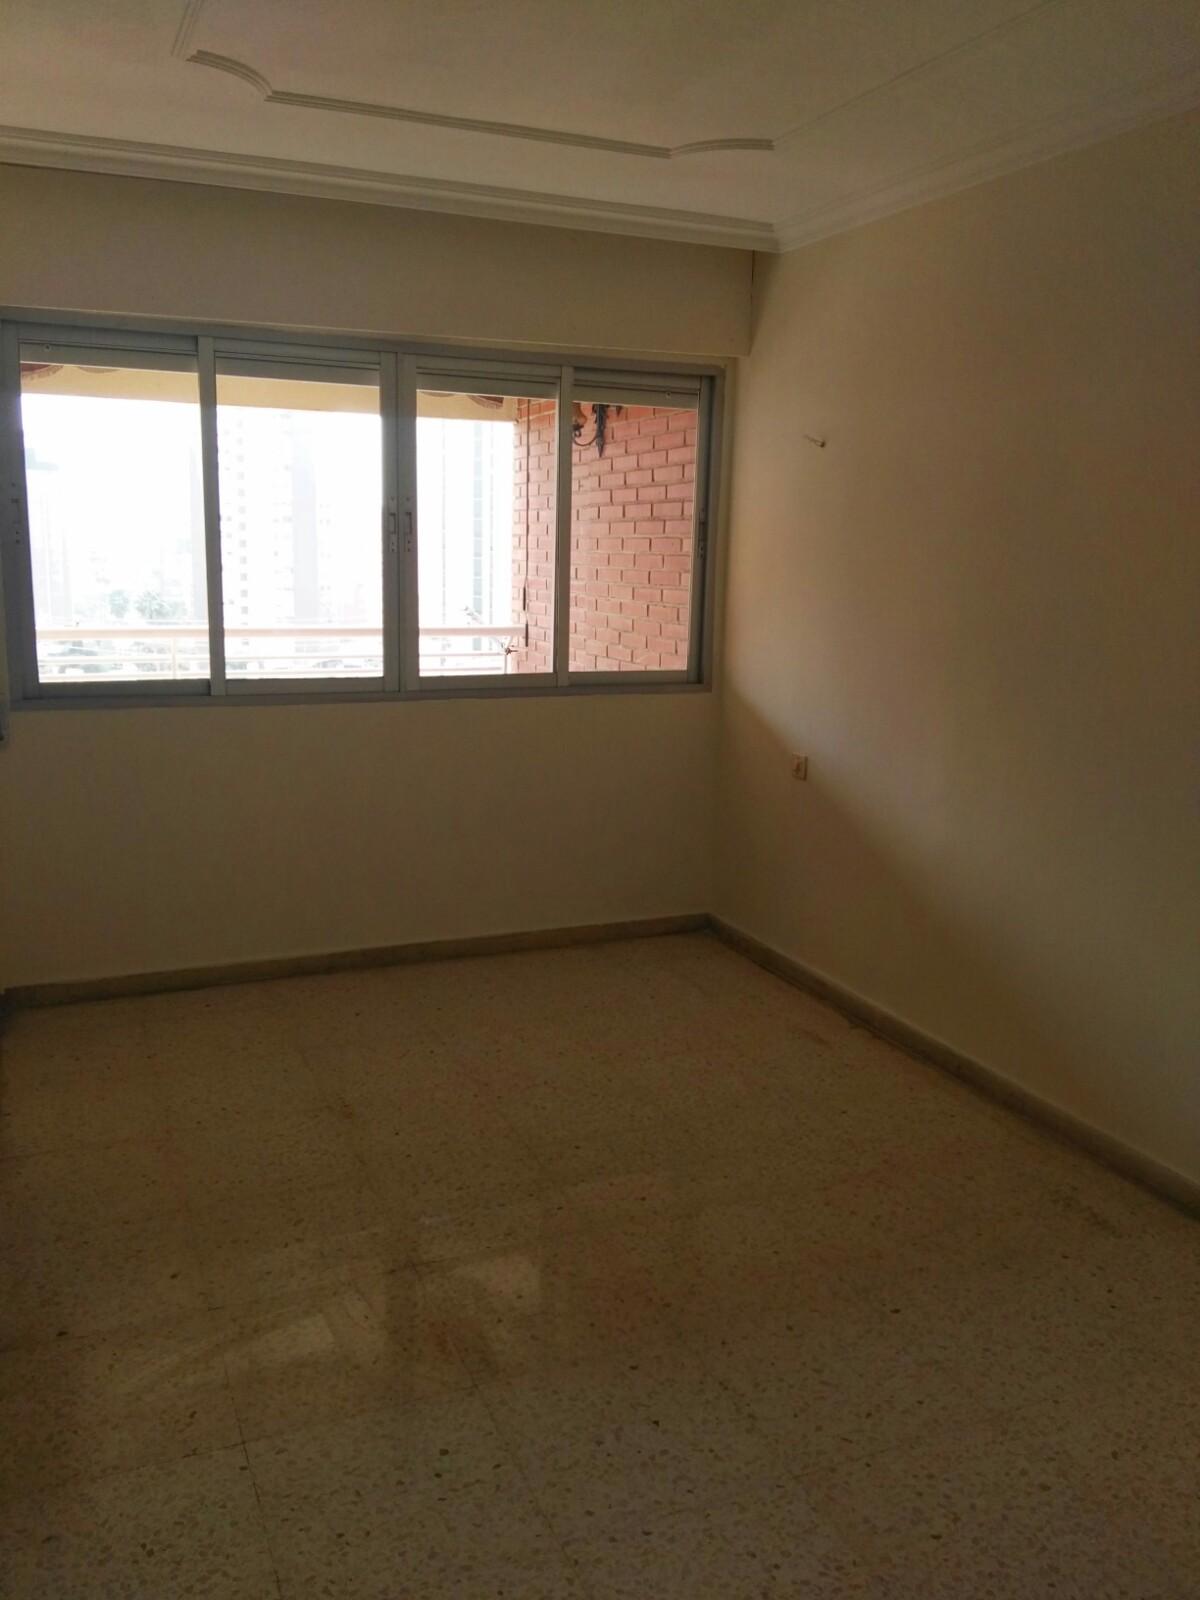 Piso en venta en Benidorm, Alicante, Calle Alicante, 130.000 €, 3 habitaciones, 2 baños, 93 m2